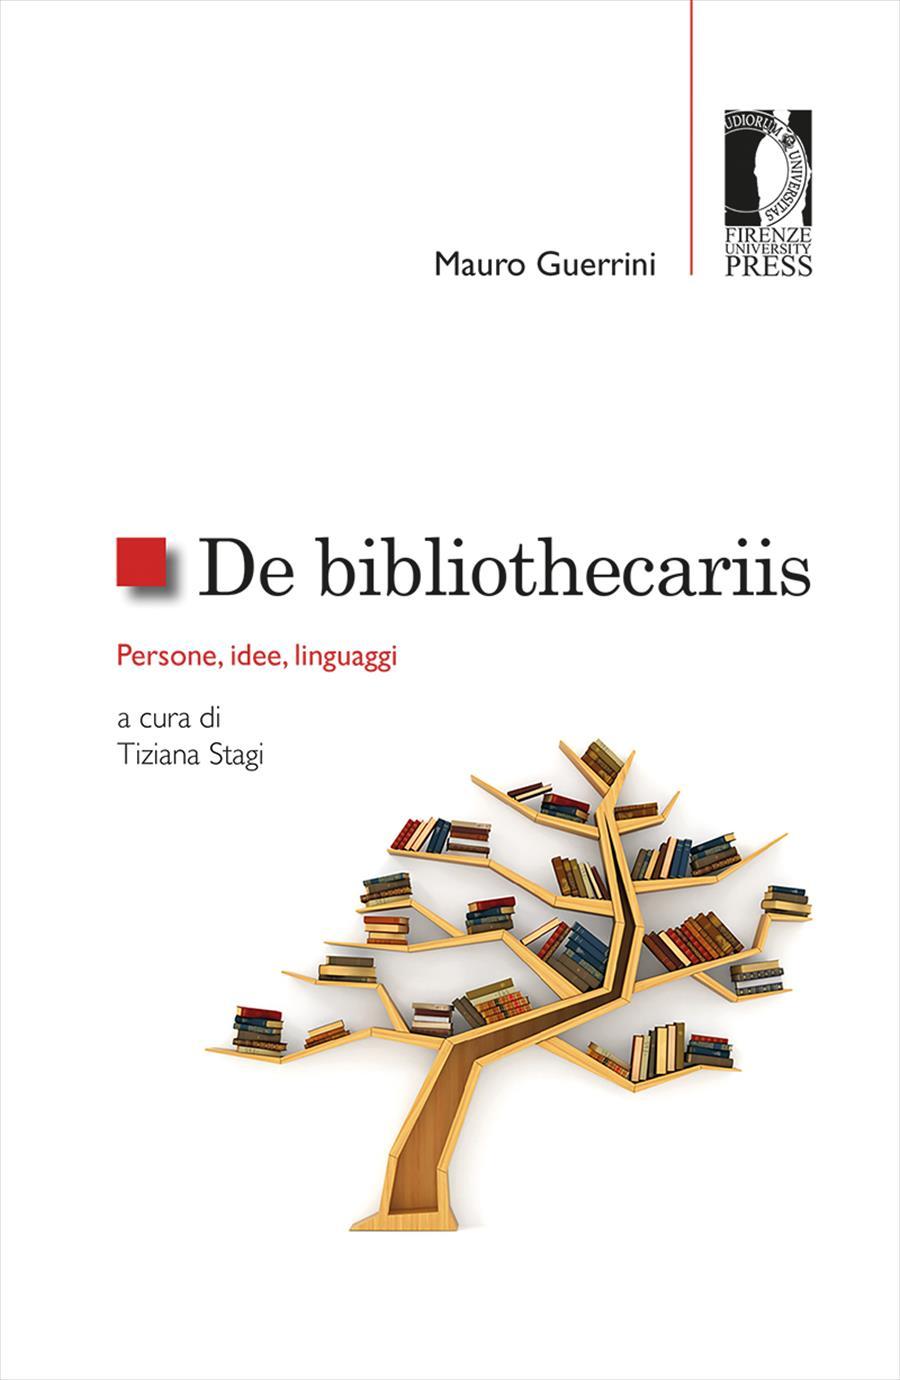 De bibliothecariis